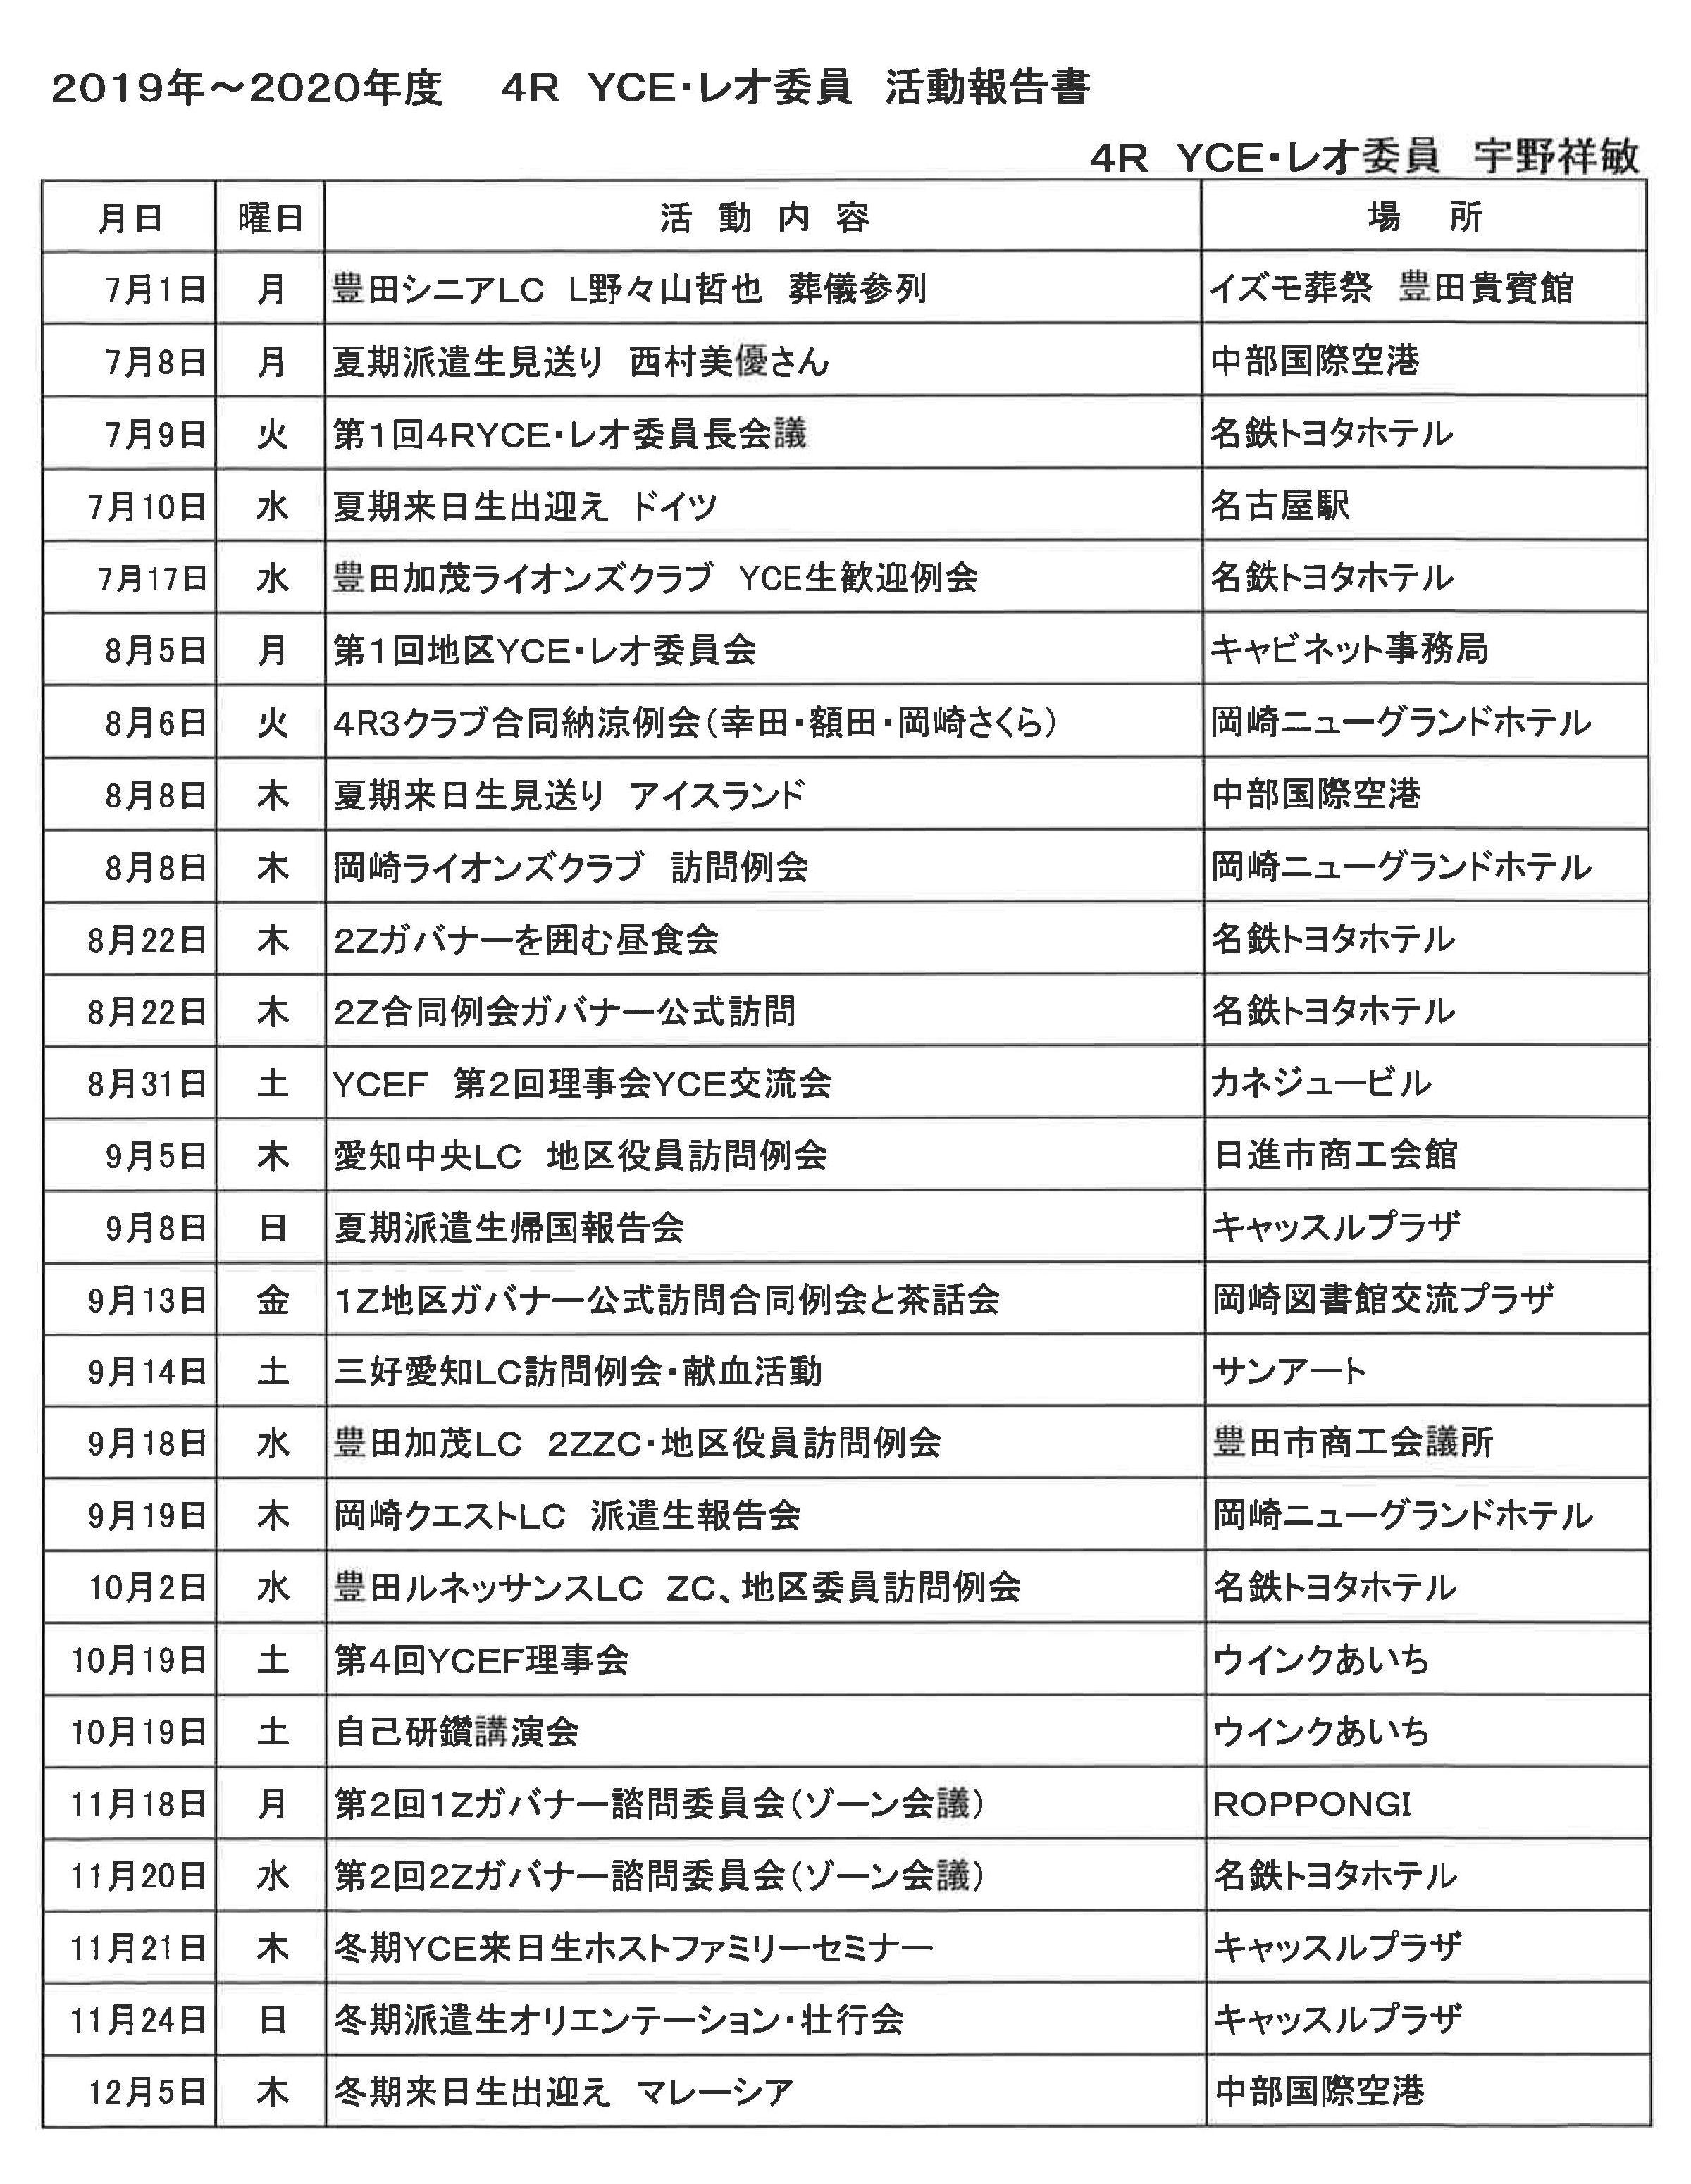 21 4R YCE・レオ委員活動報告書1